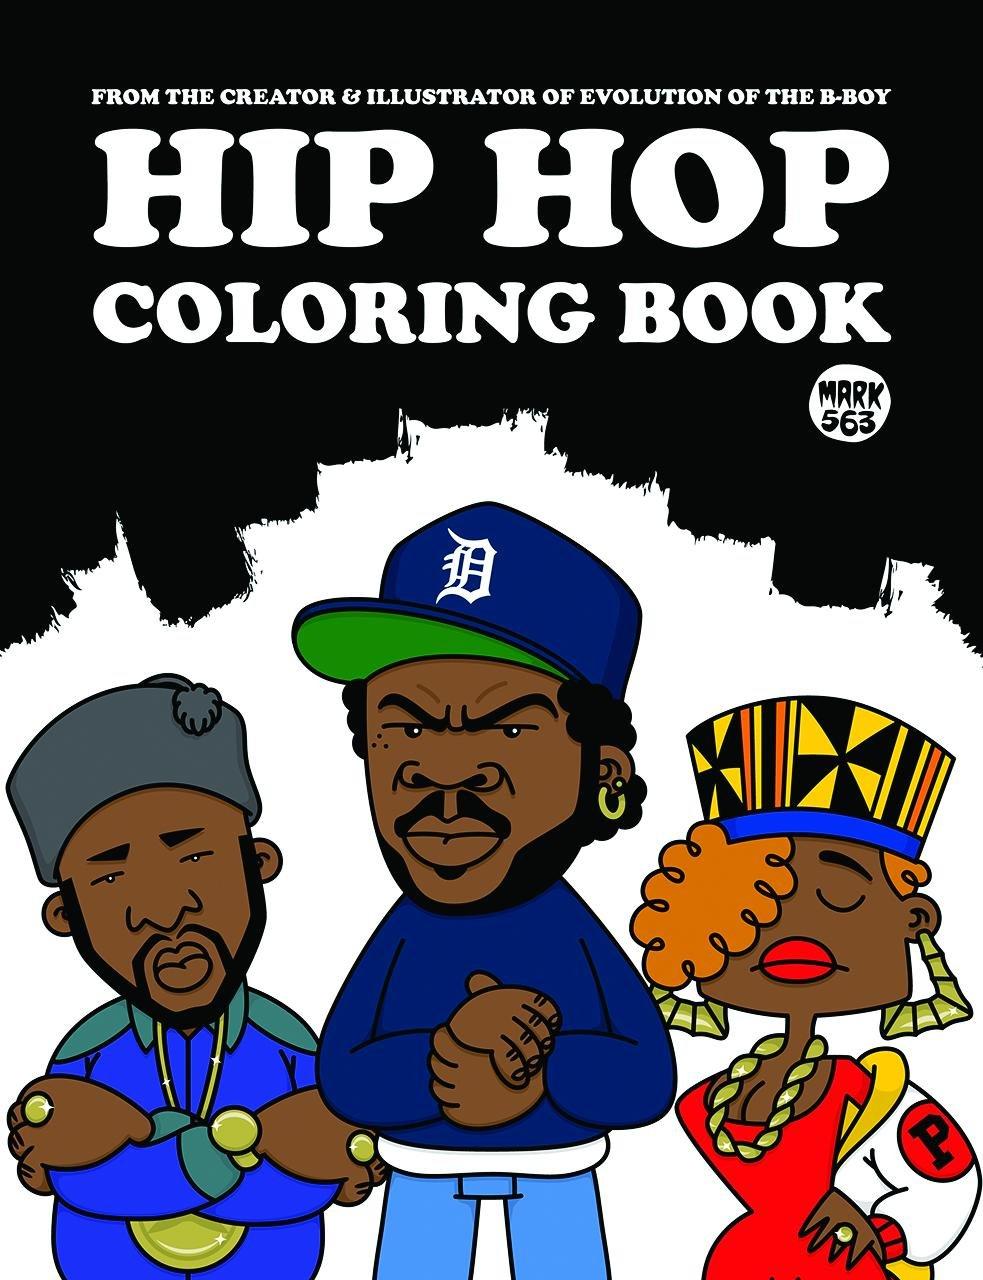 HIP HOP COLORING BOOK Mark 563 9789185639830 Amazon Books